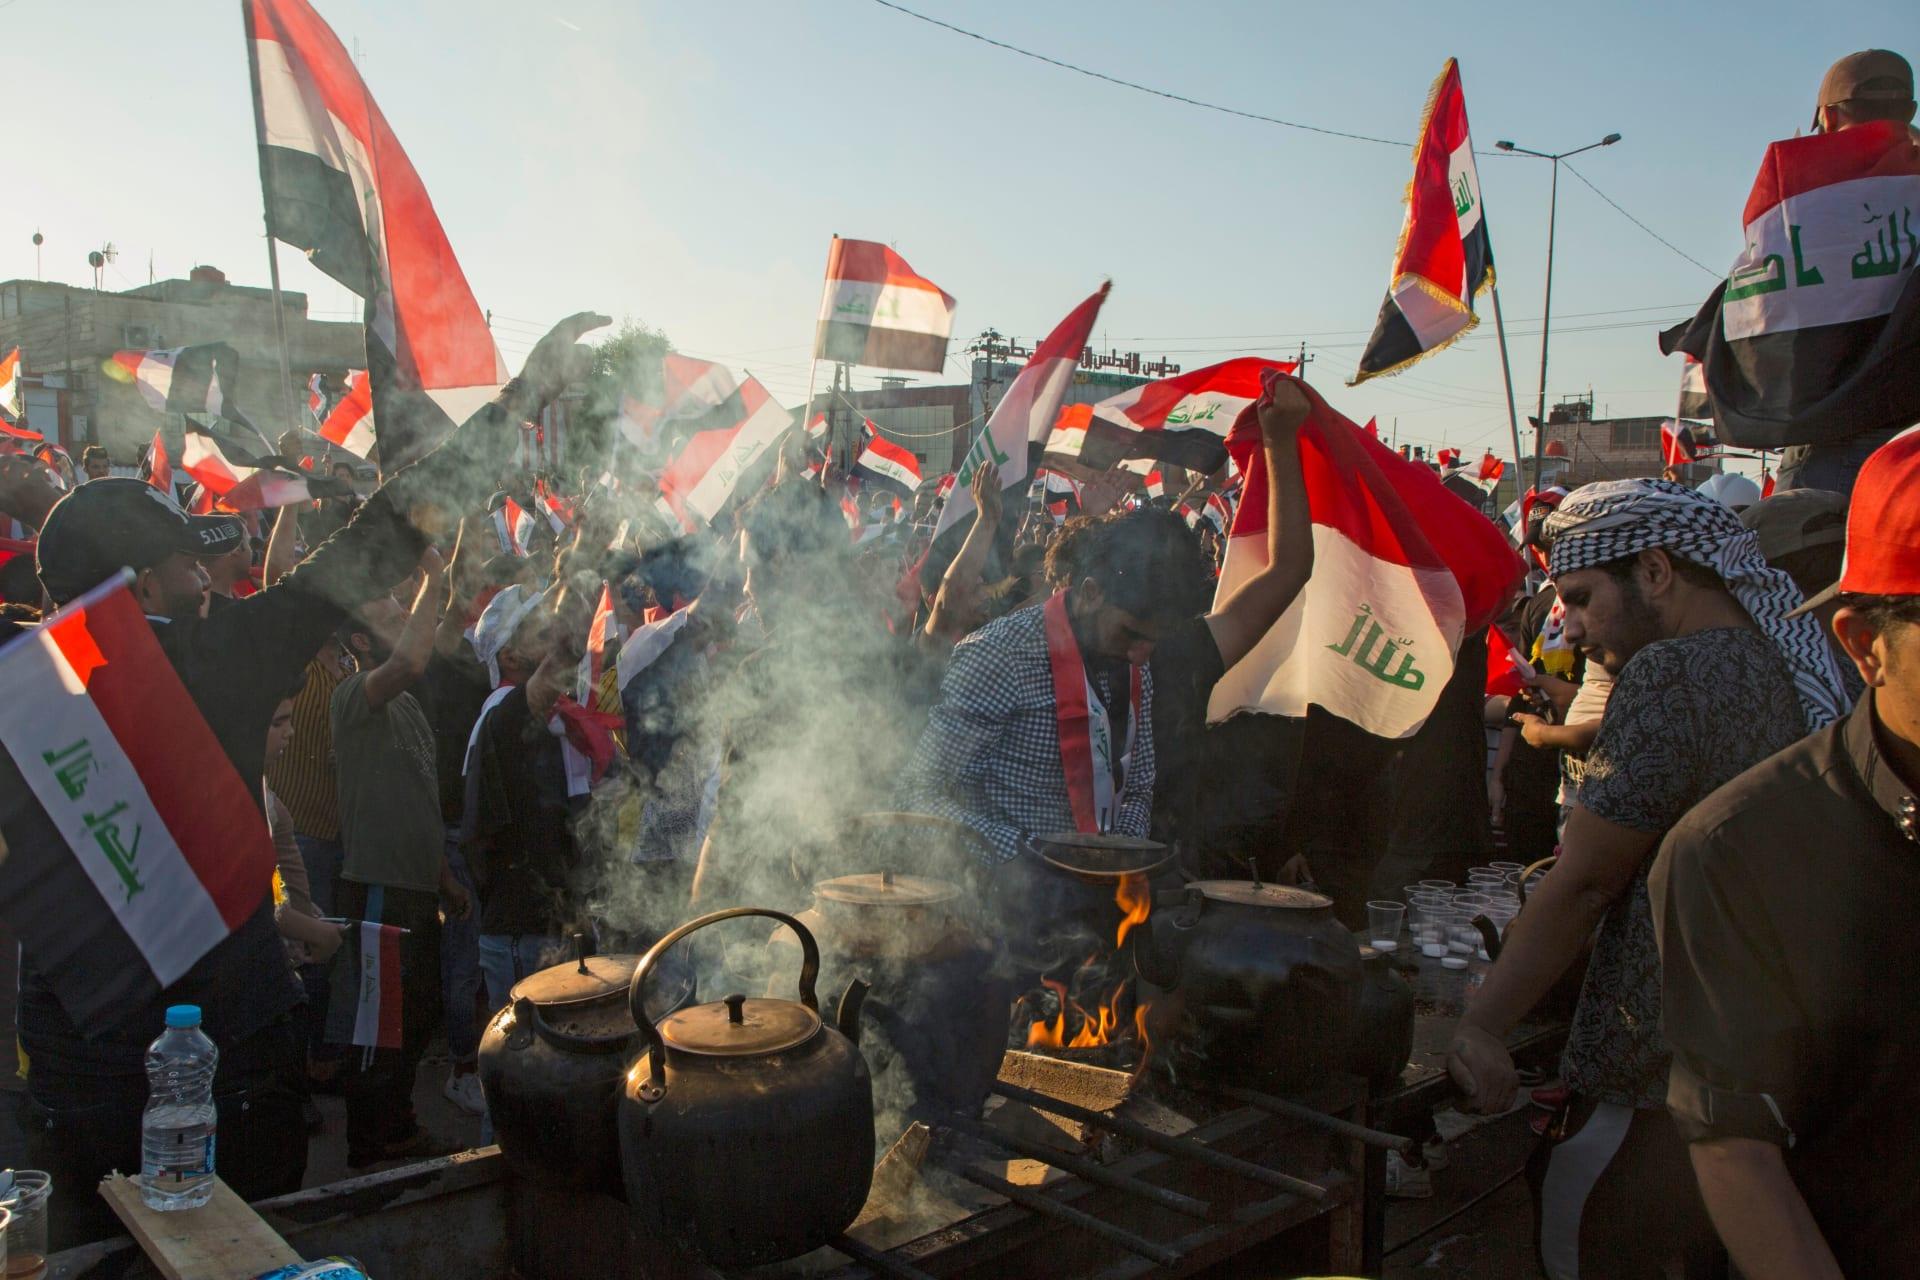 بالصور.. أضخم المظاهرات في بغداد منذ بدء الاحتجاجات